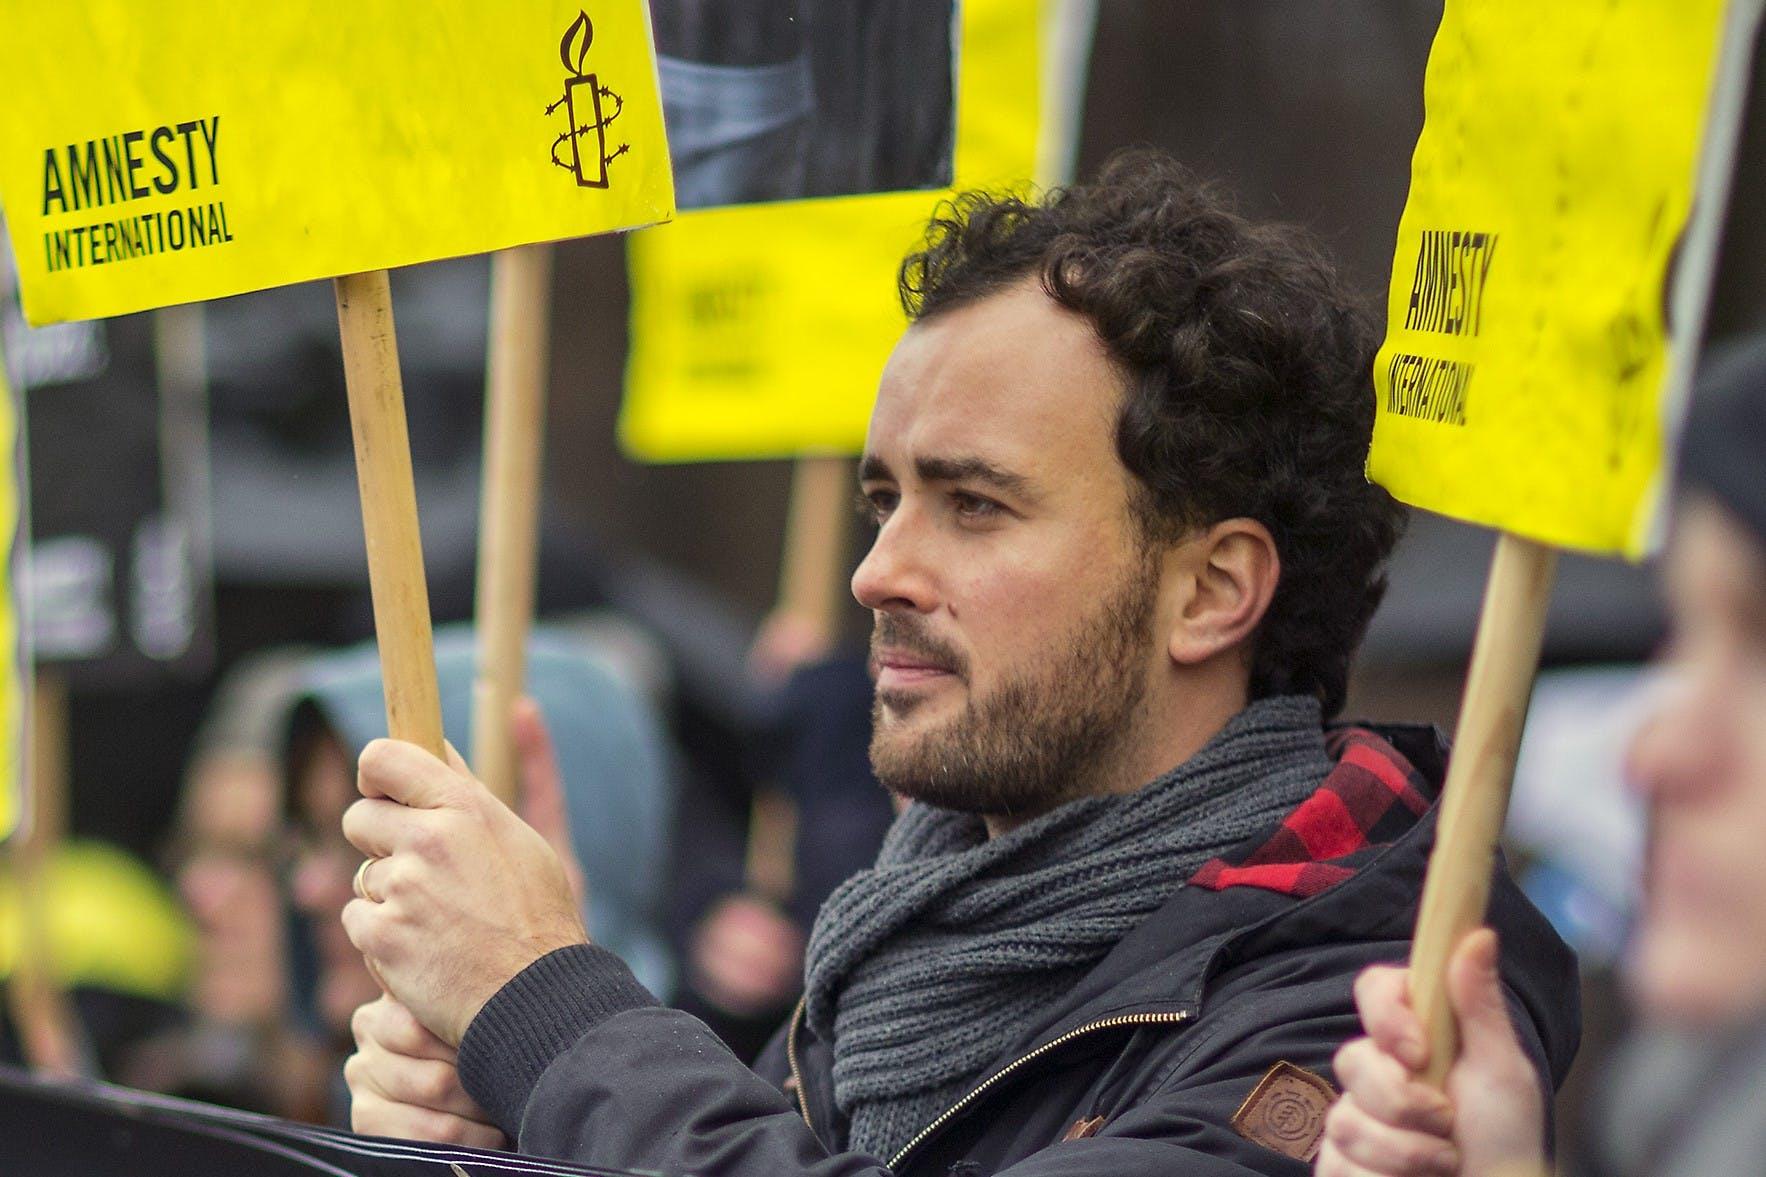 Manifestation pour la libération de Raif Badawi